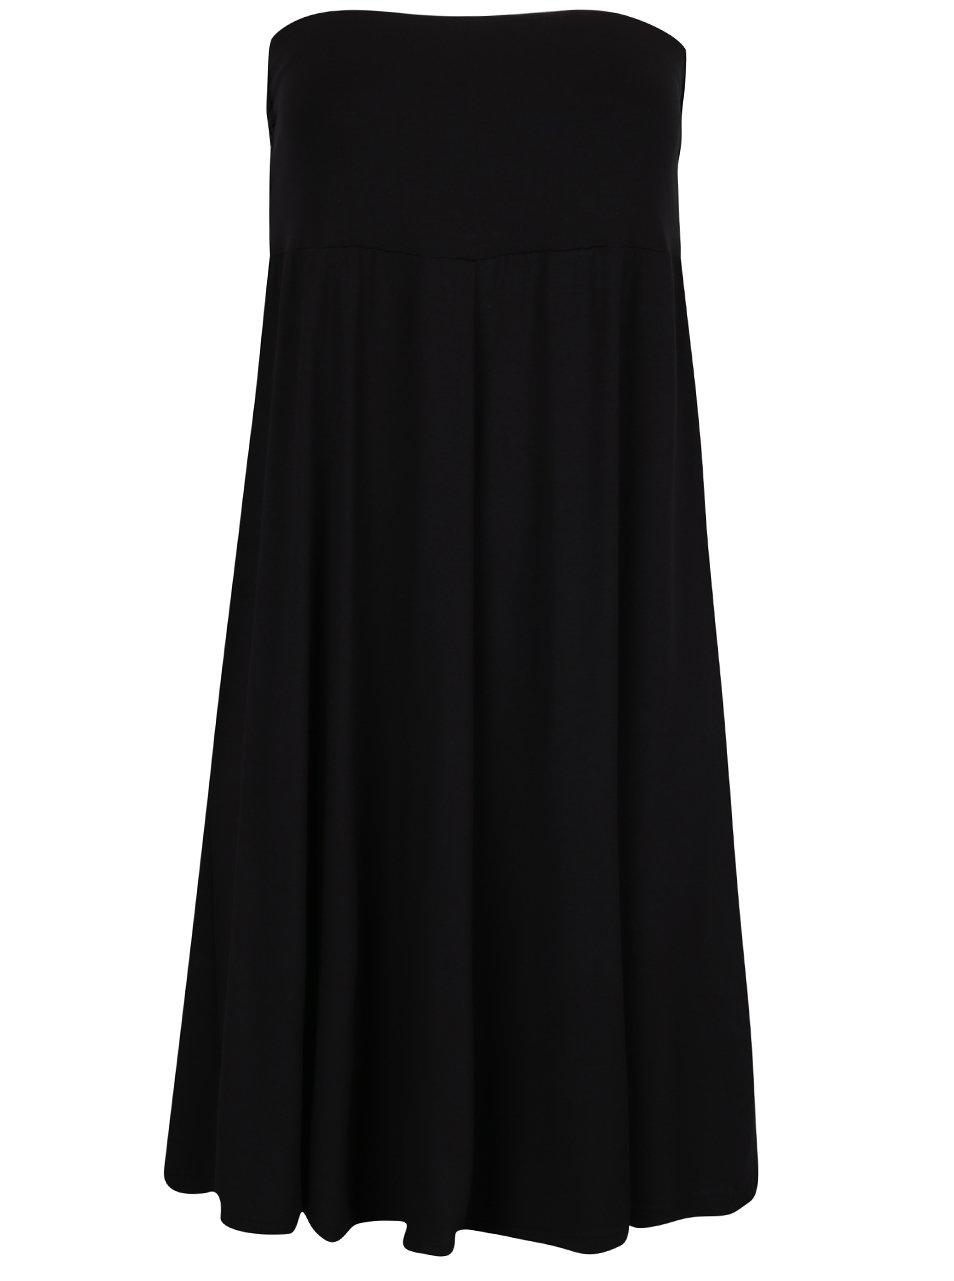 Černé variabilní šaty/sukně Ulla Popken